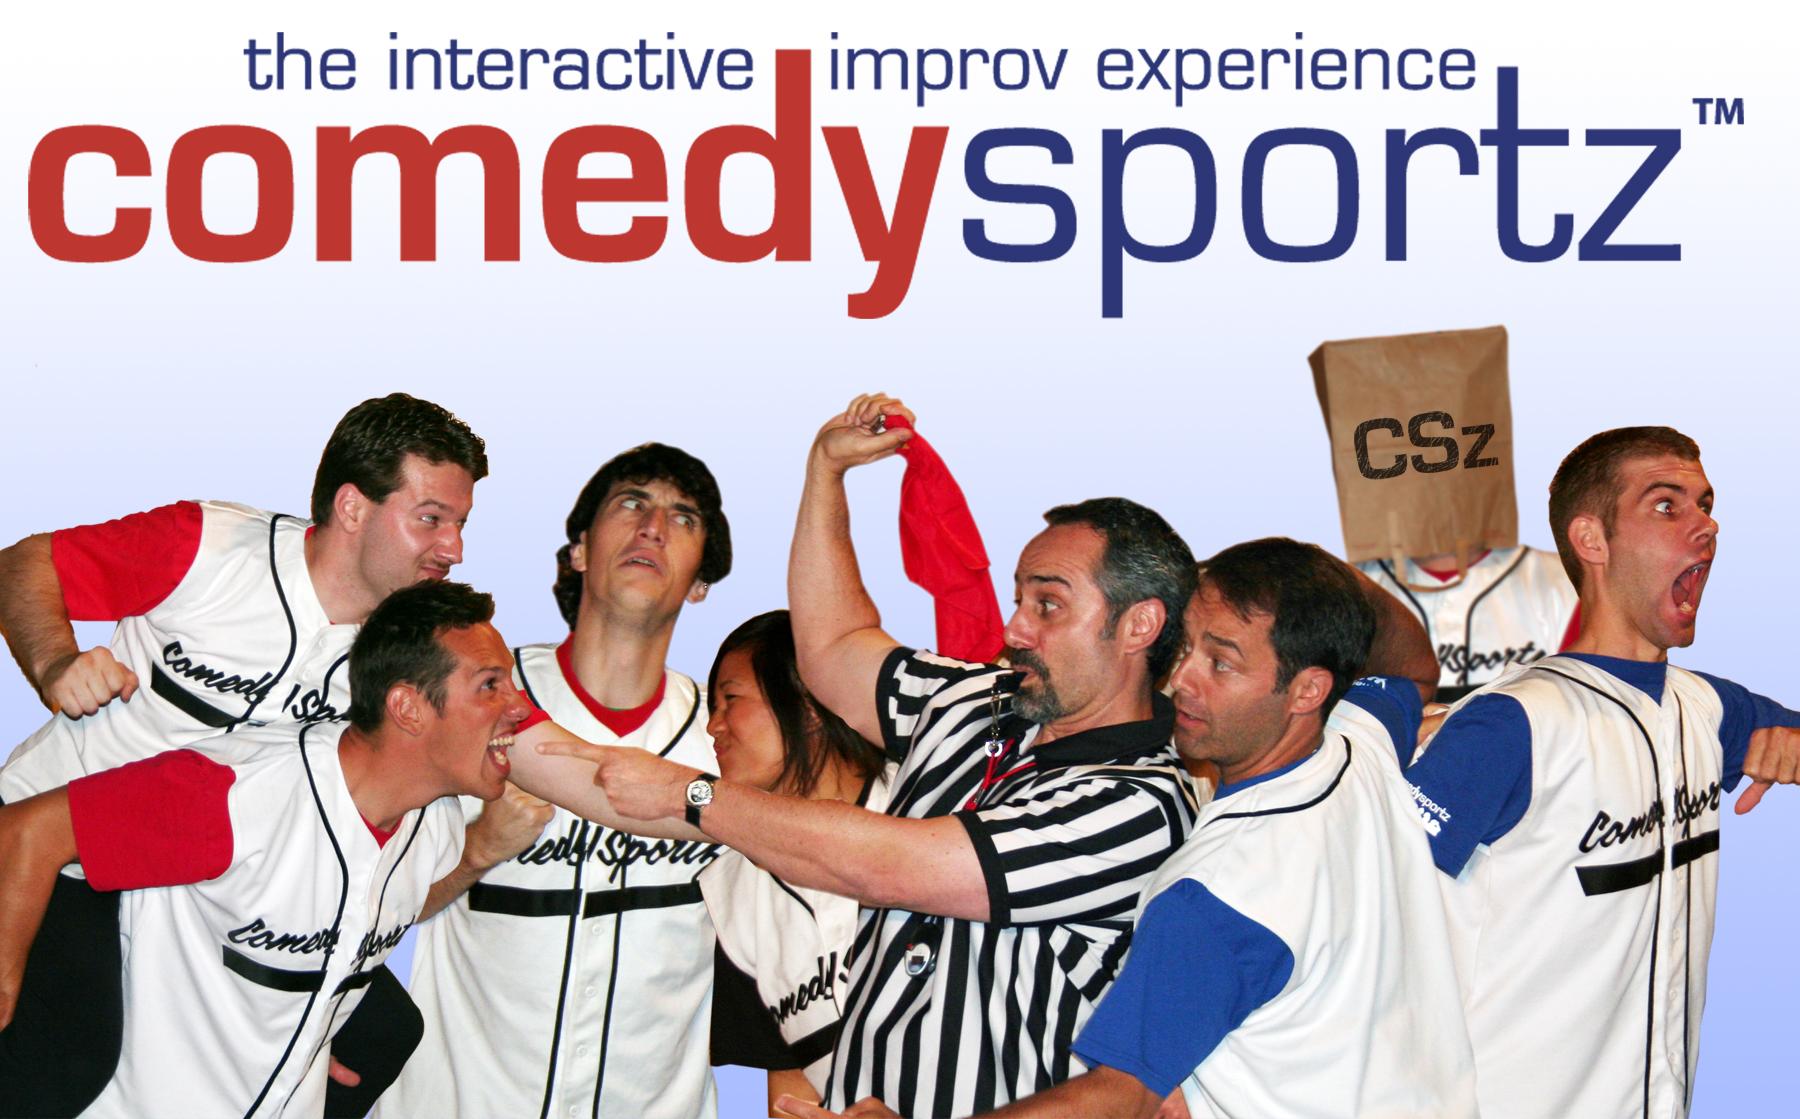 Comedy Sportz in Provo